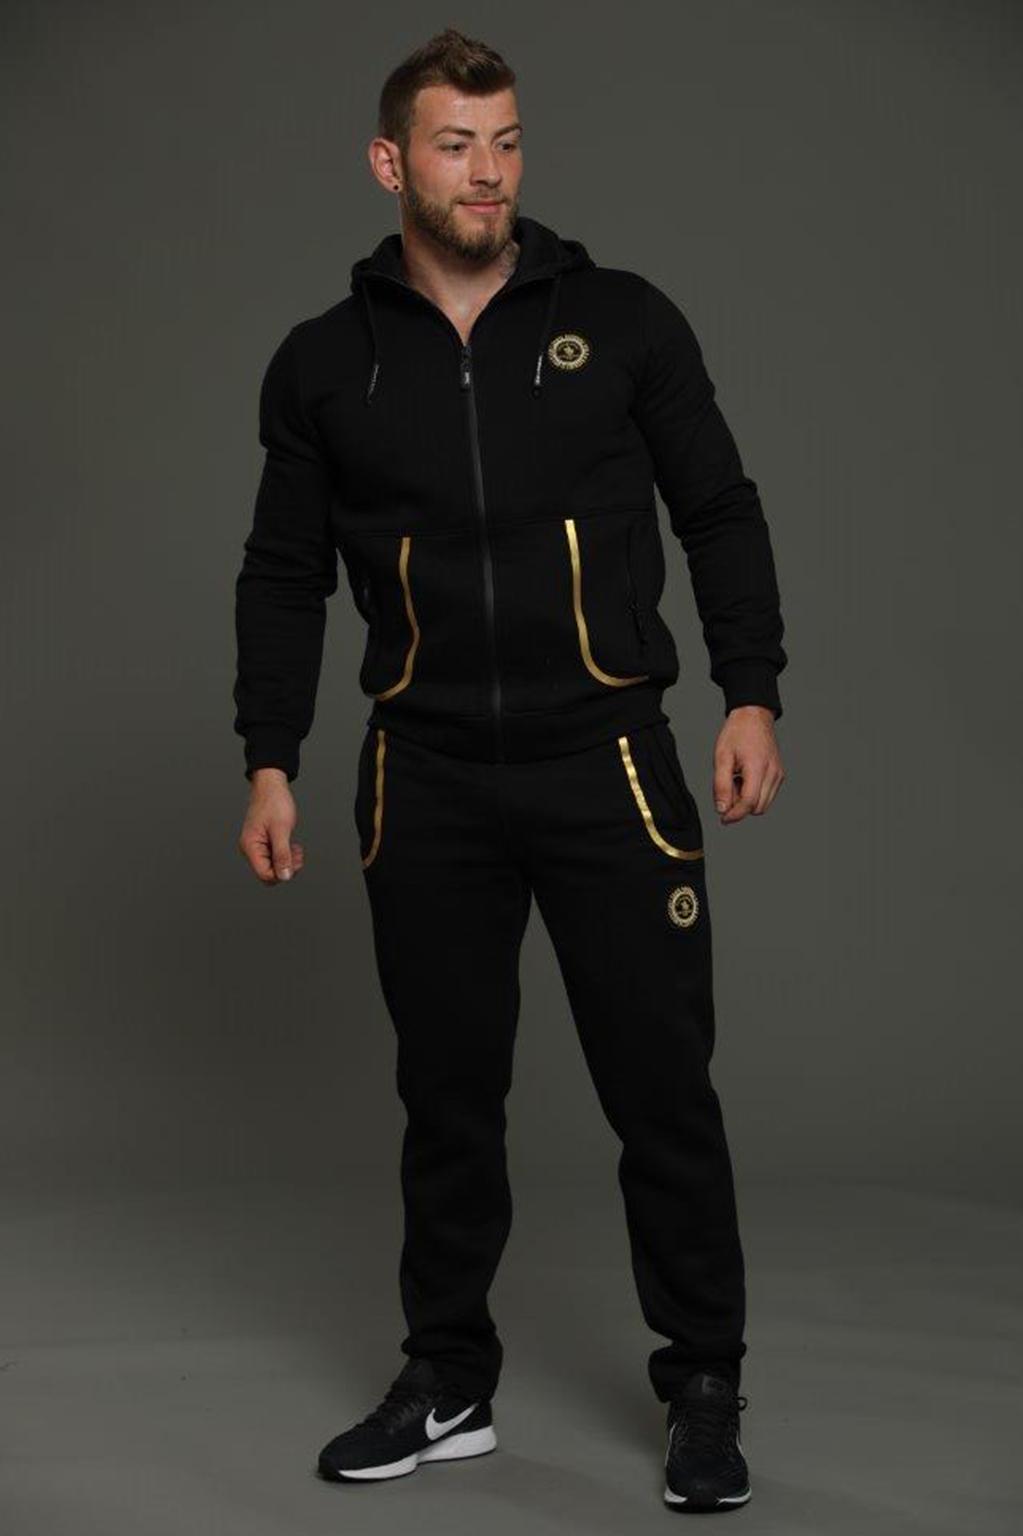 חליפה ספורטיבית עם קפוצ'ון לגבר - צבע לבחירה